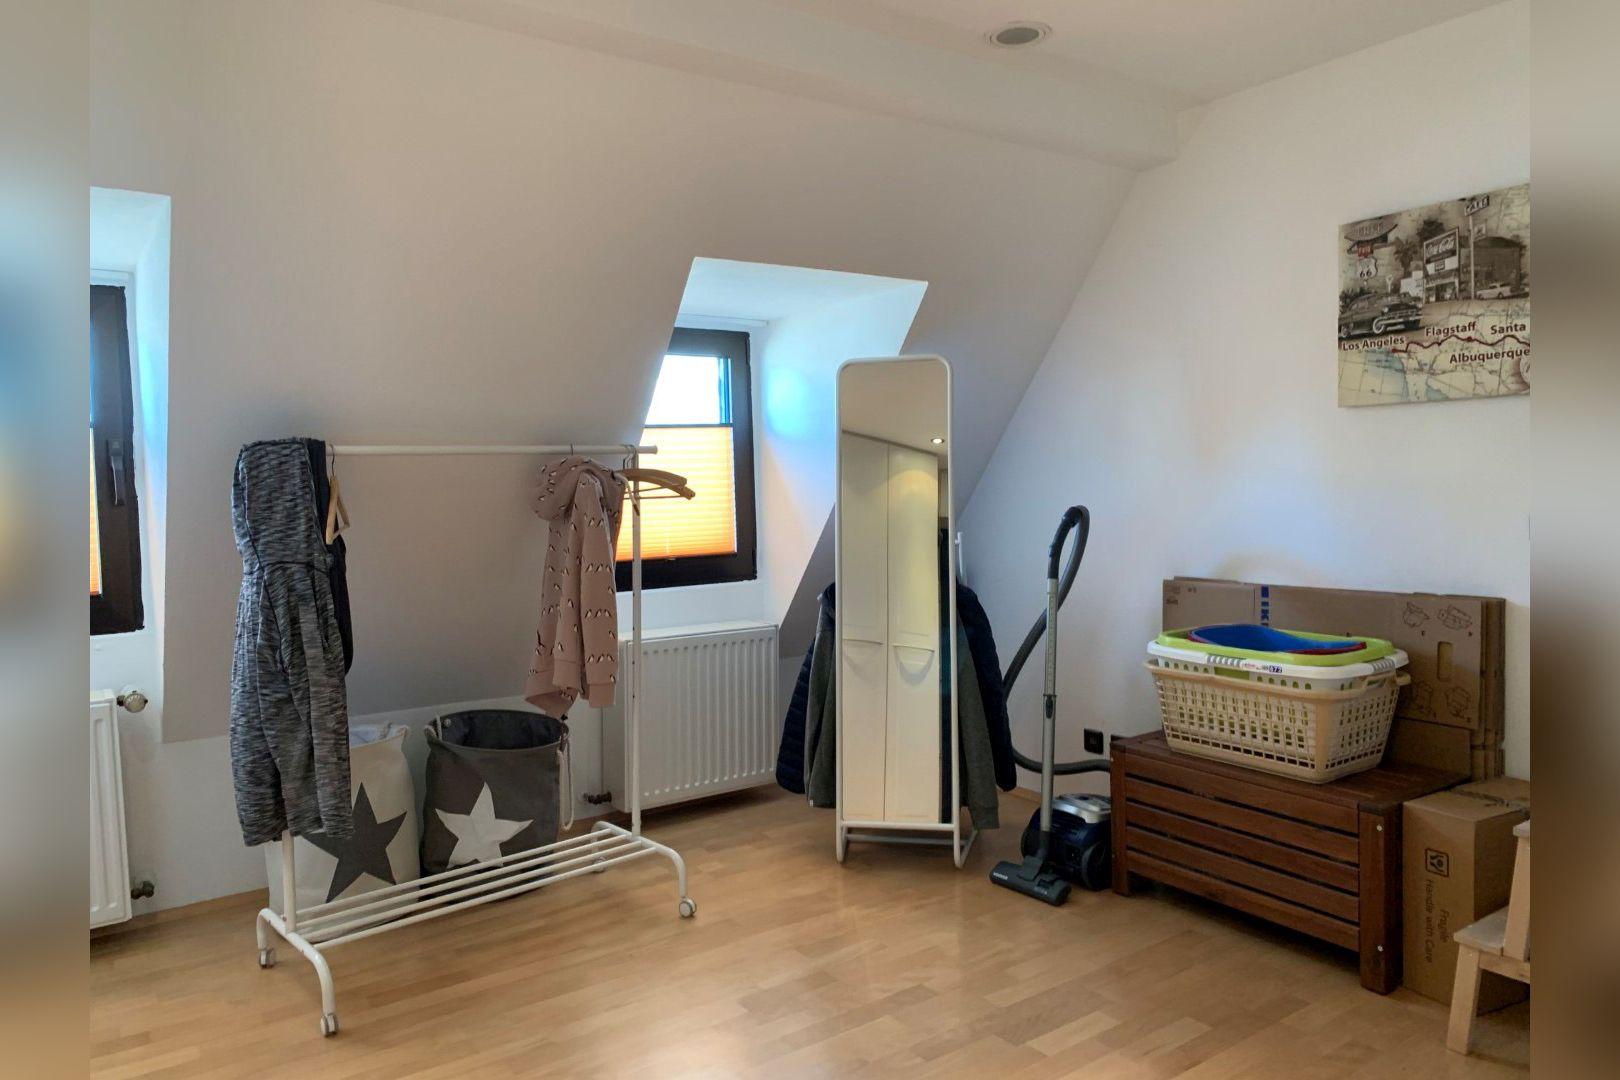 Immobilie Nr.0251 - Maisonette-Wohnung mit Galerie und großer Dachterrasse  - Bild 6.jpg